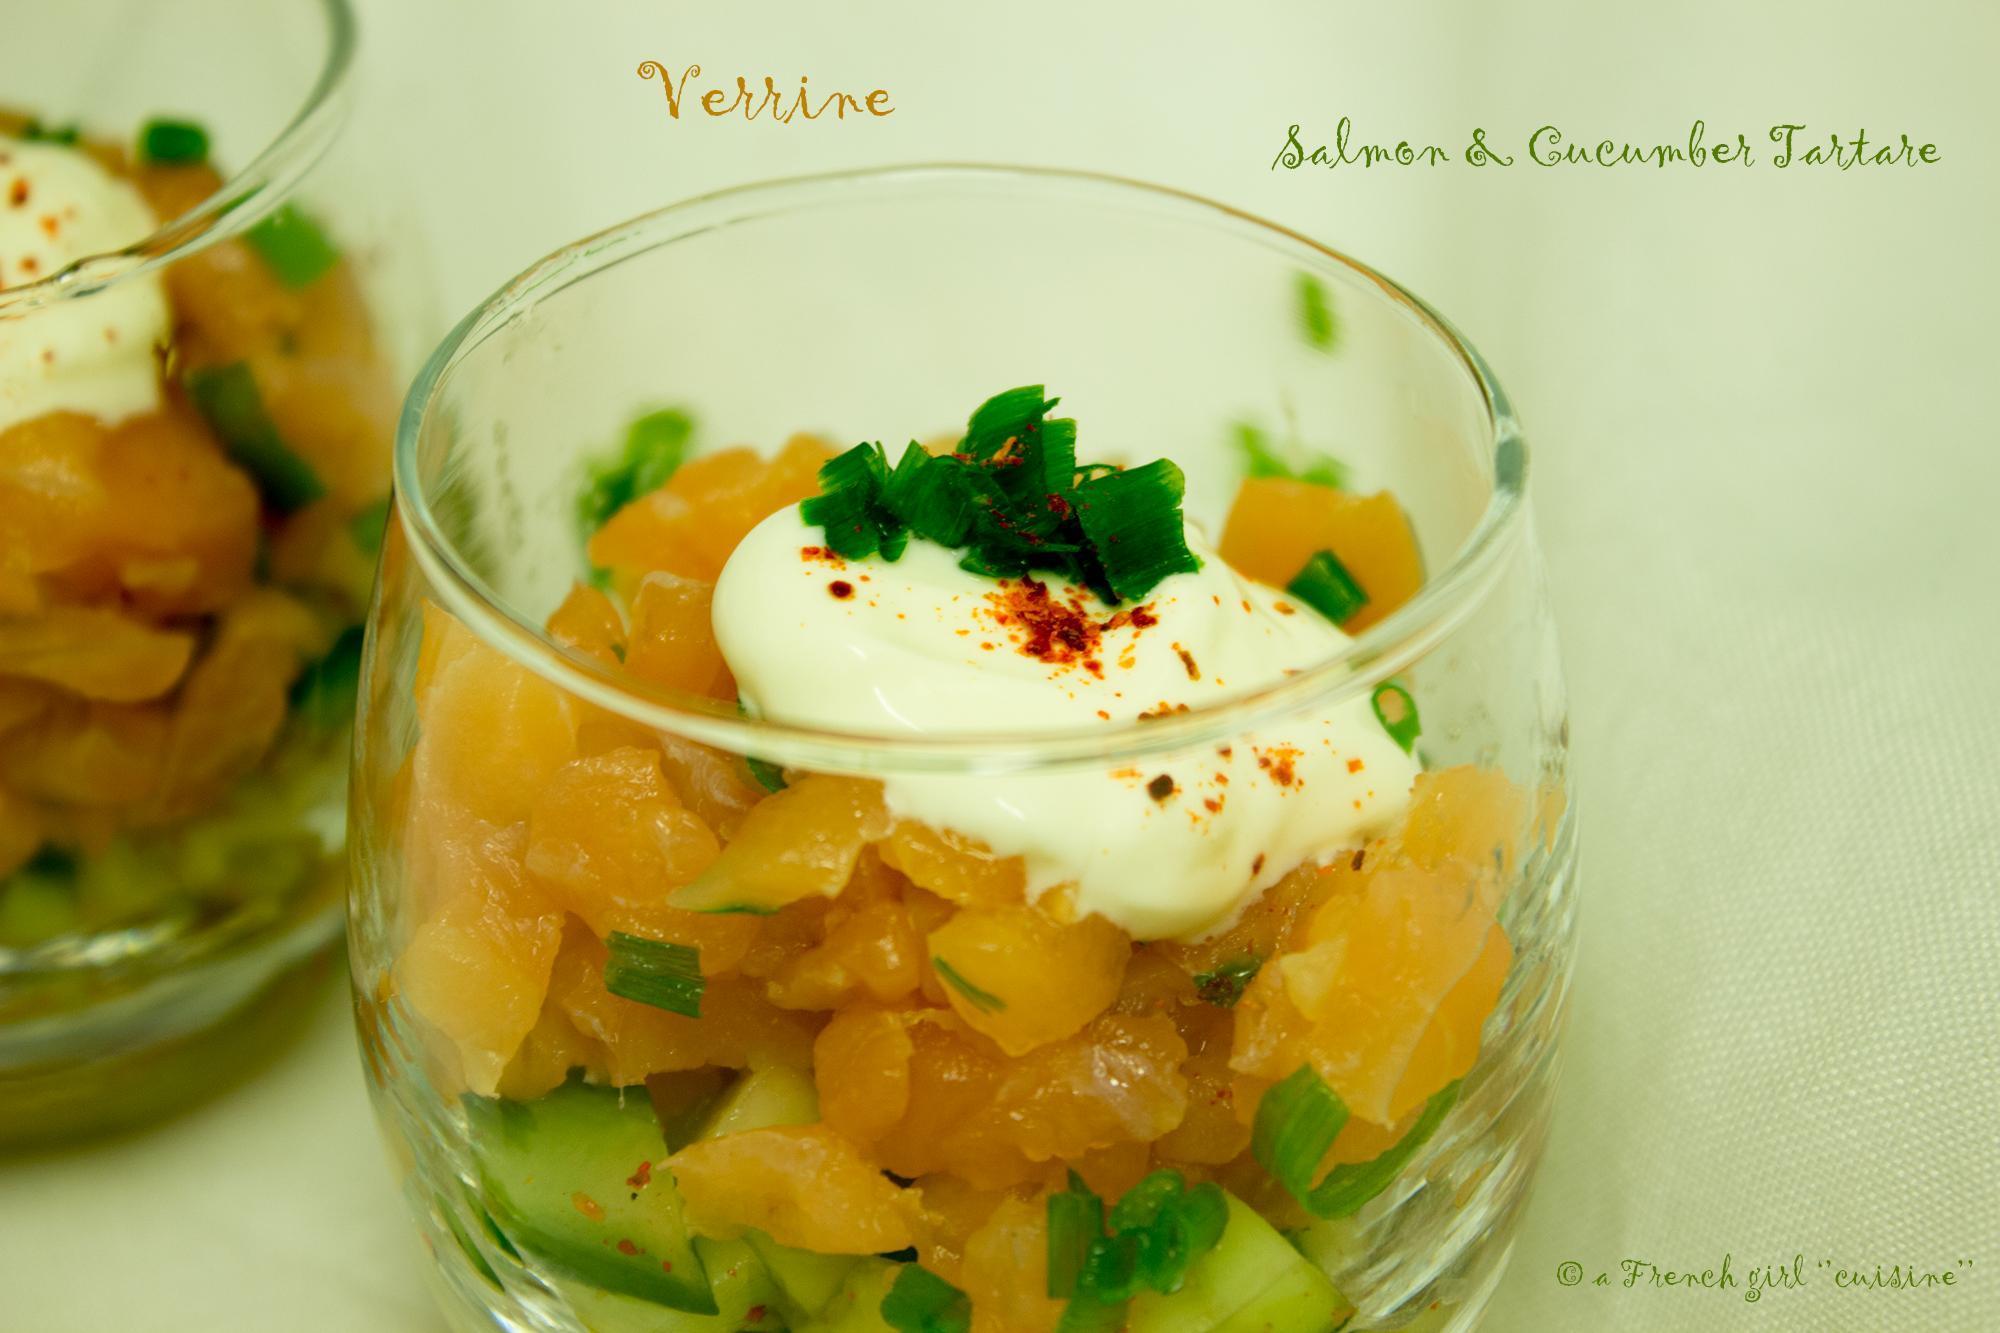 Verrines: Salmon & Cucumber Tartare